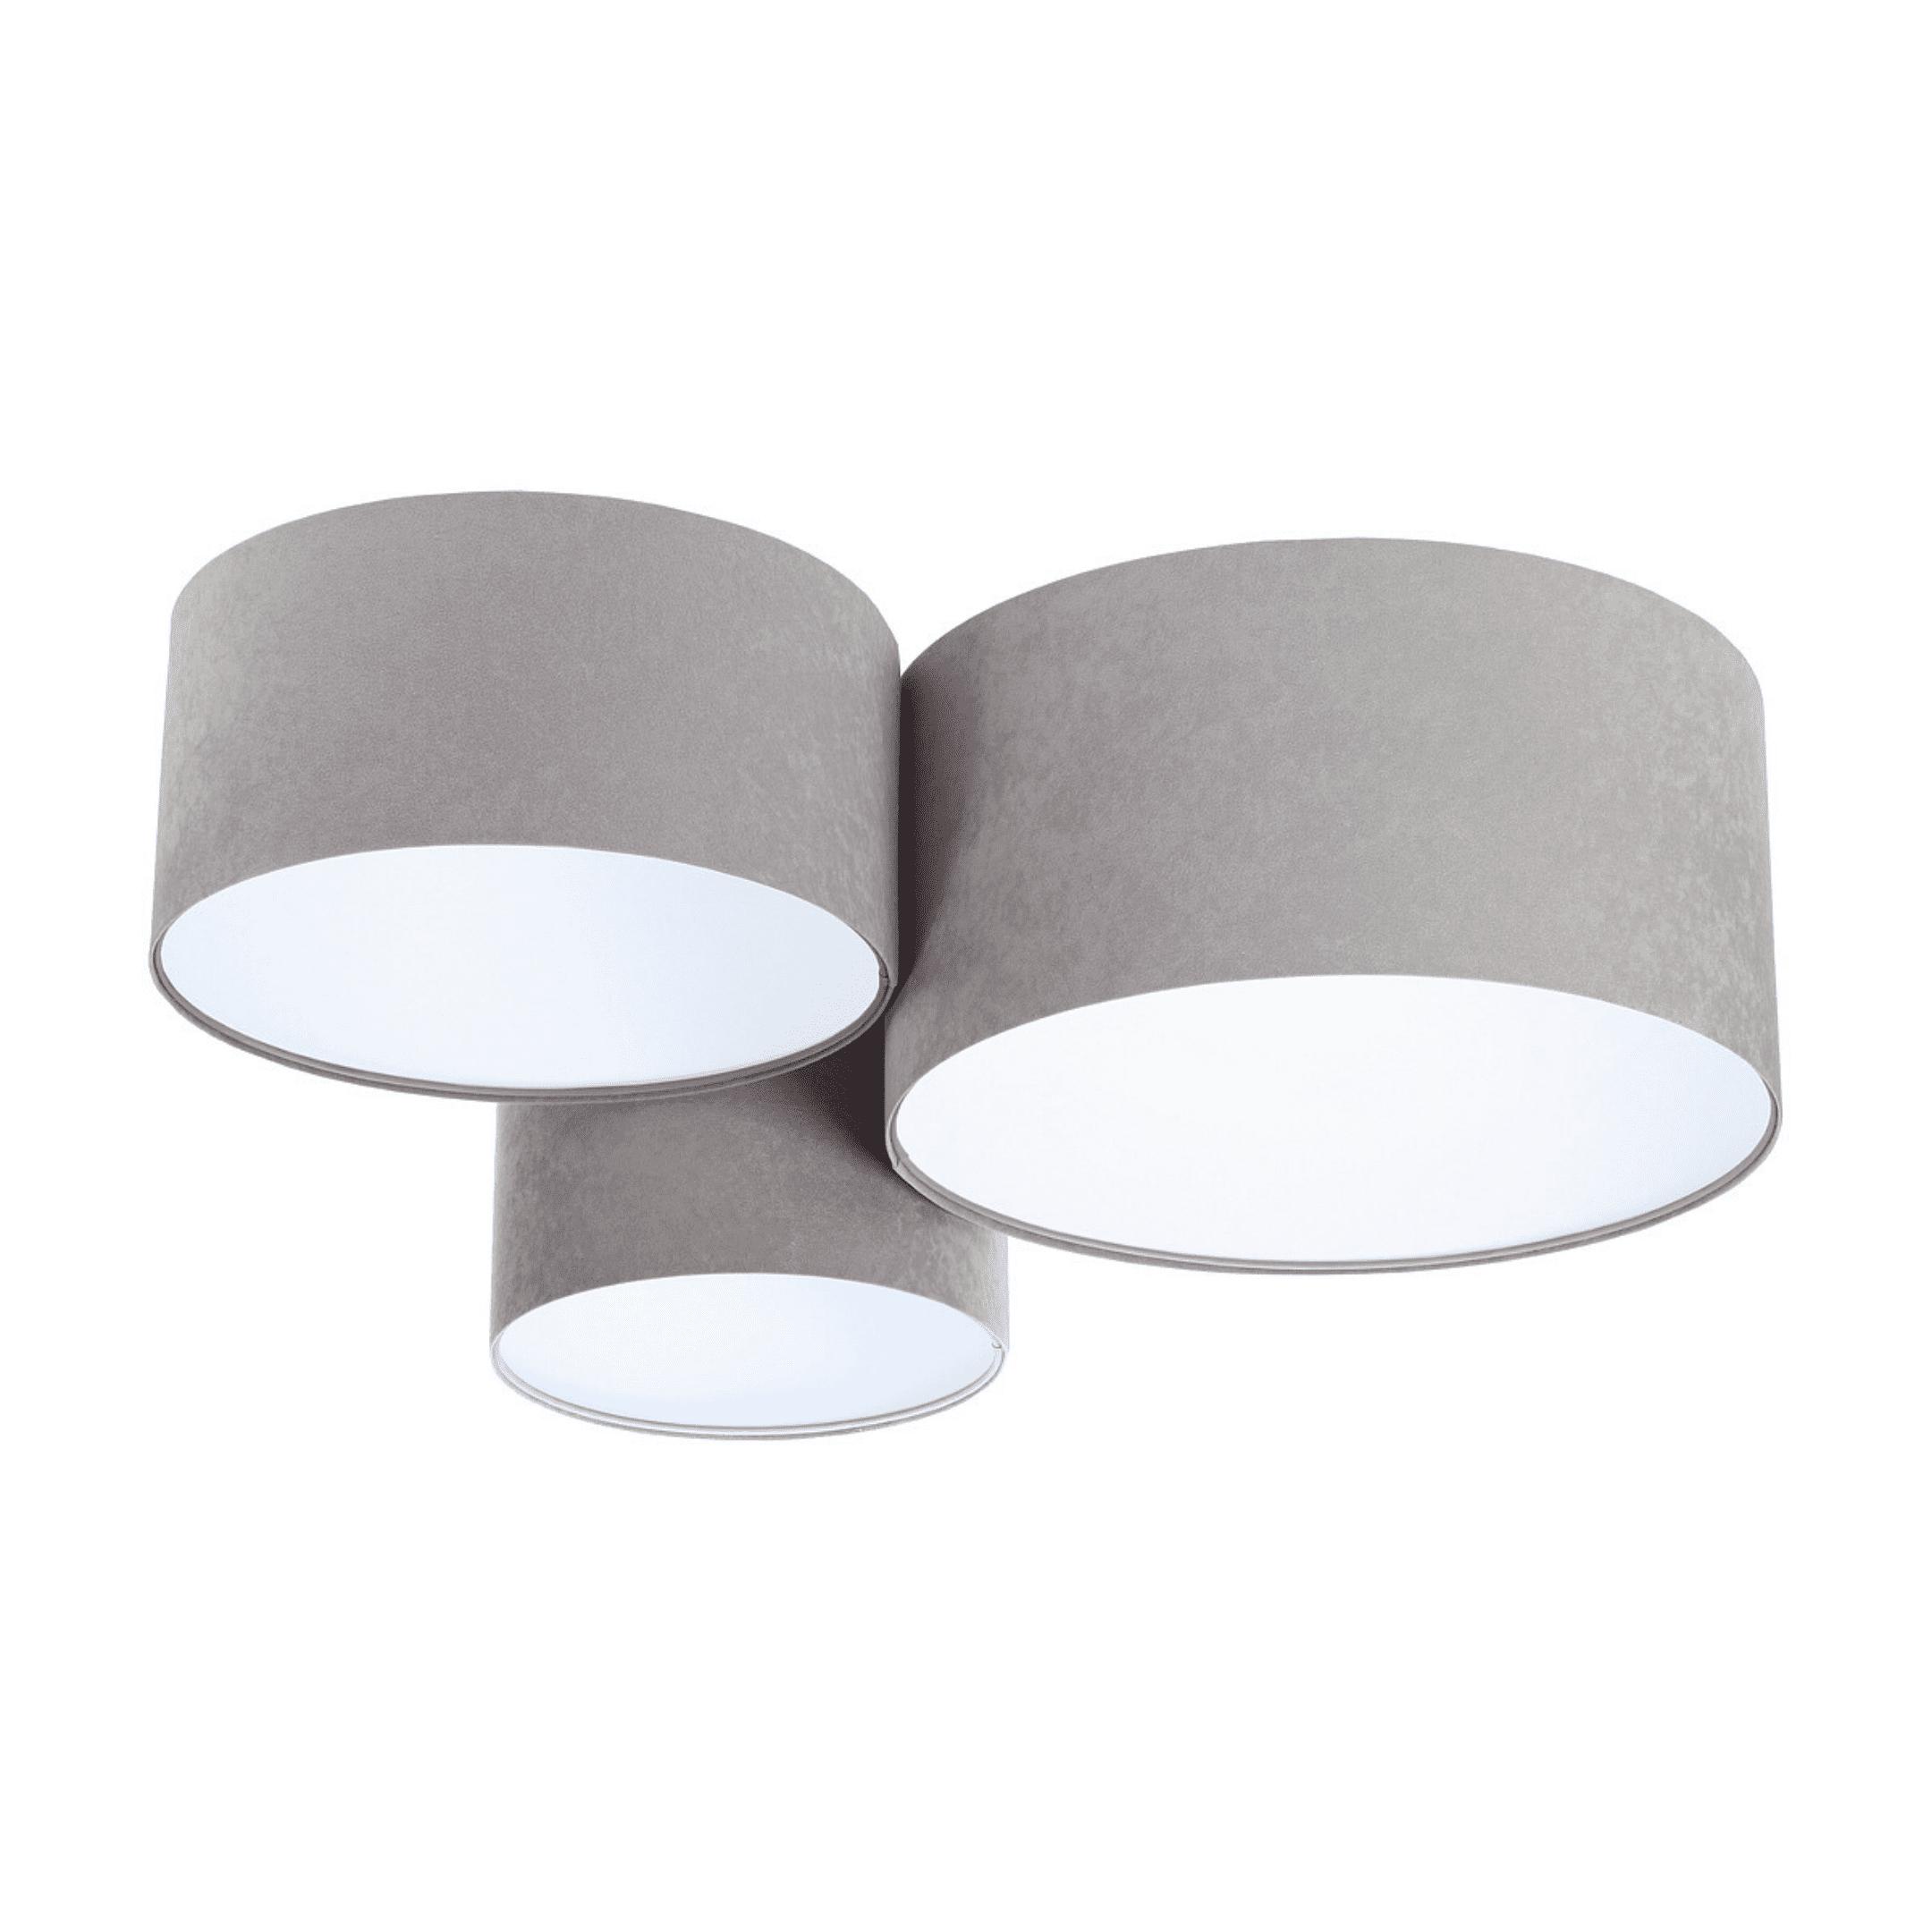 szary-plafon-sufitowy-nowoczesna-lampa-przysufitowa-ryssa